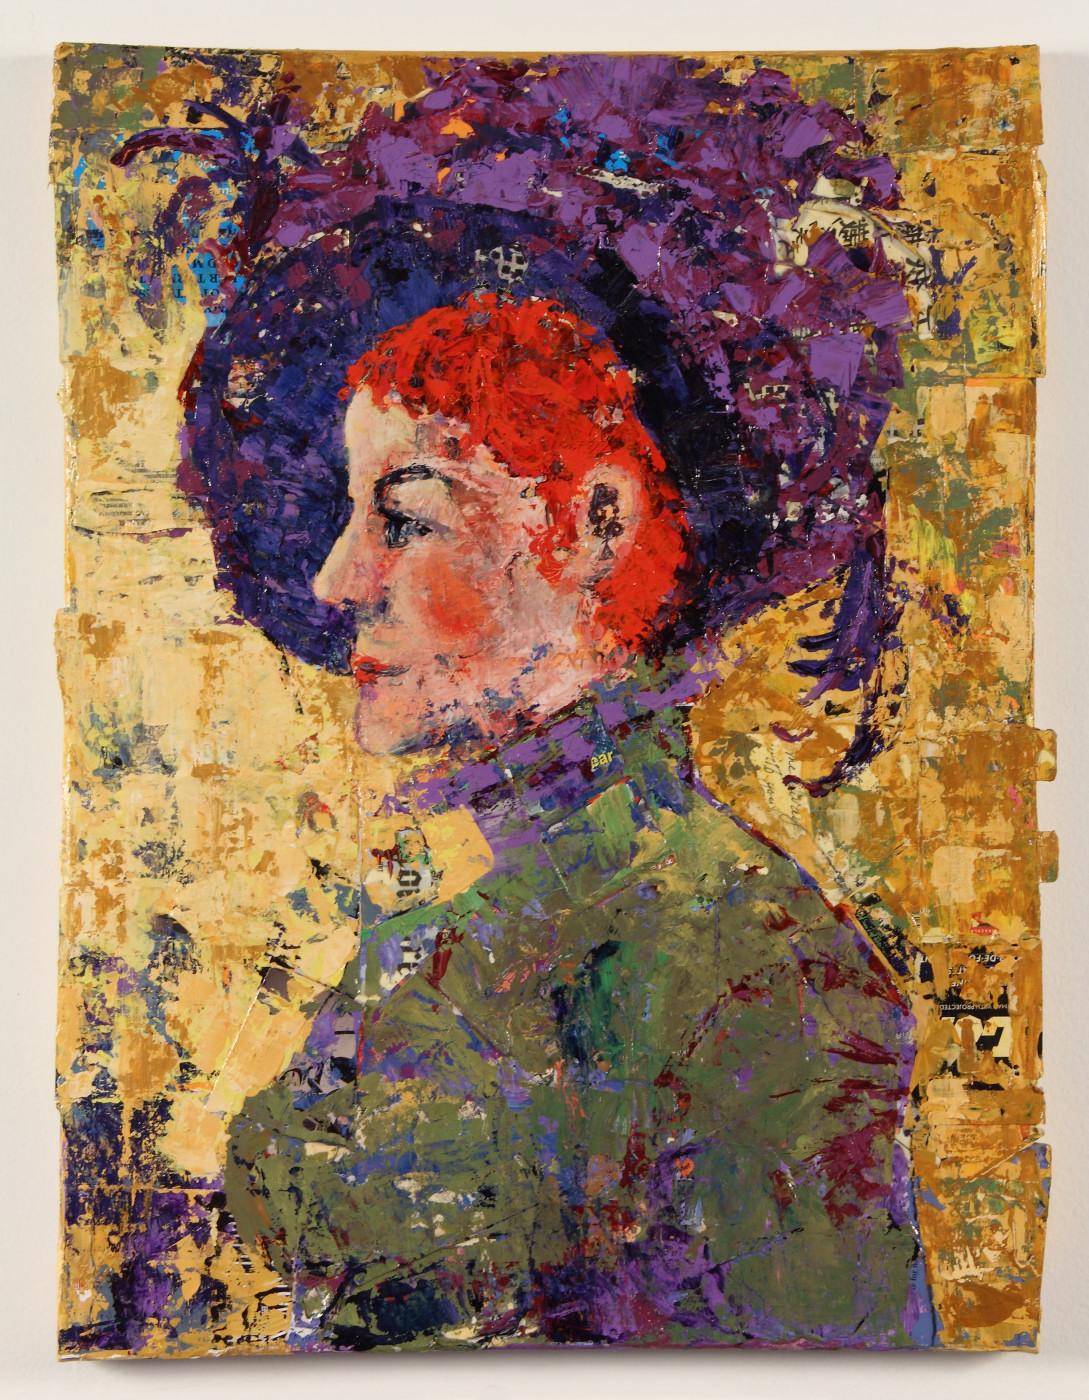 Violet. 18 x 24, Mixed Media